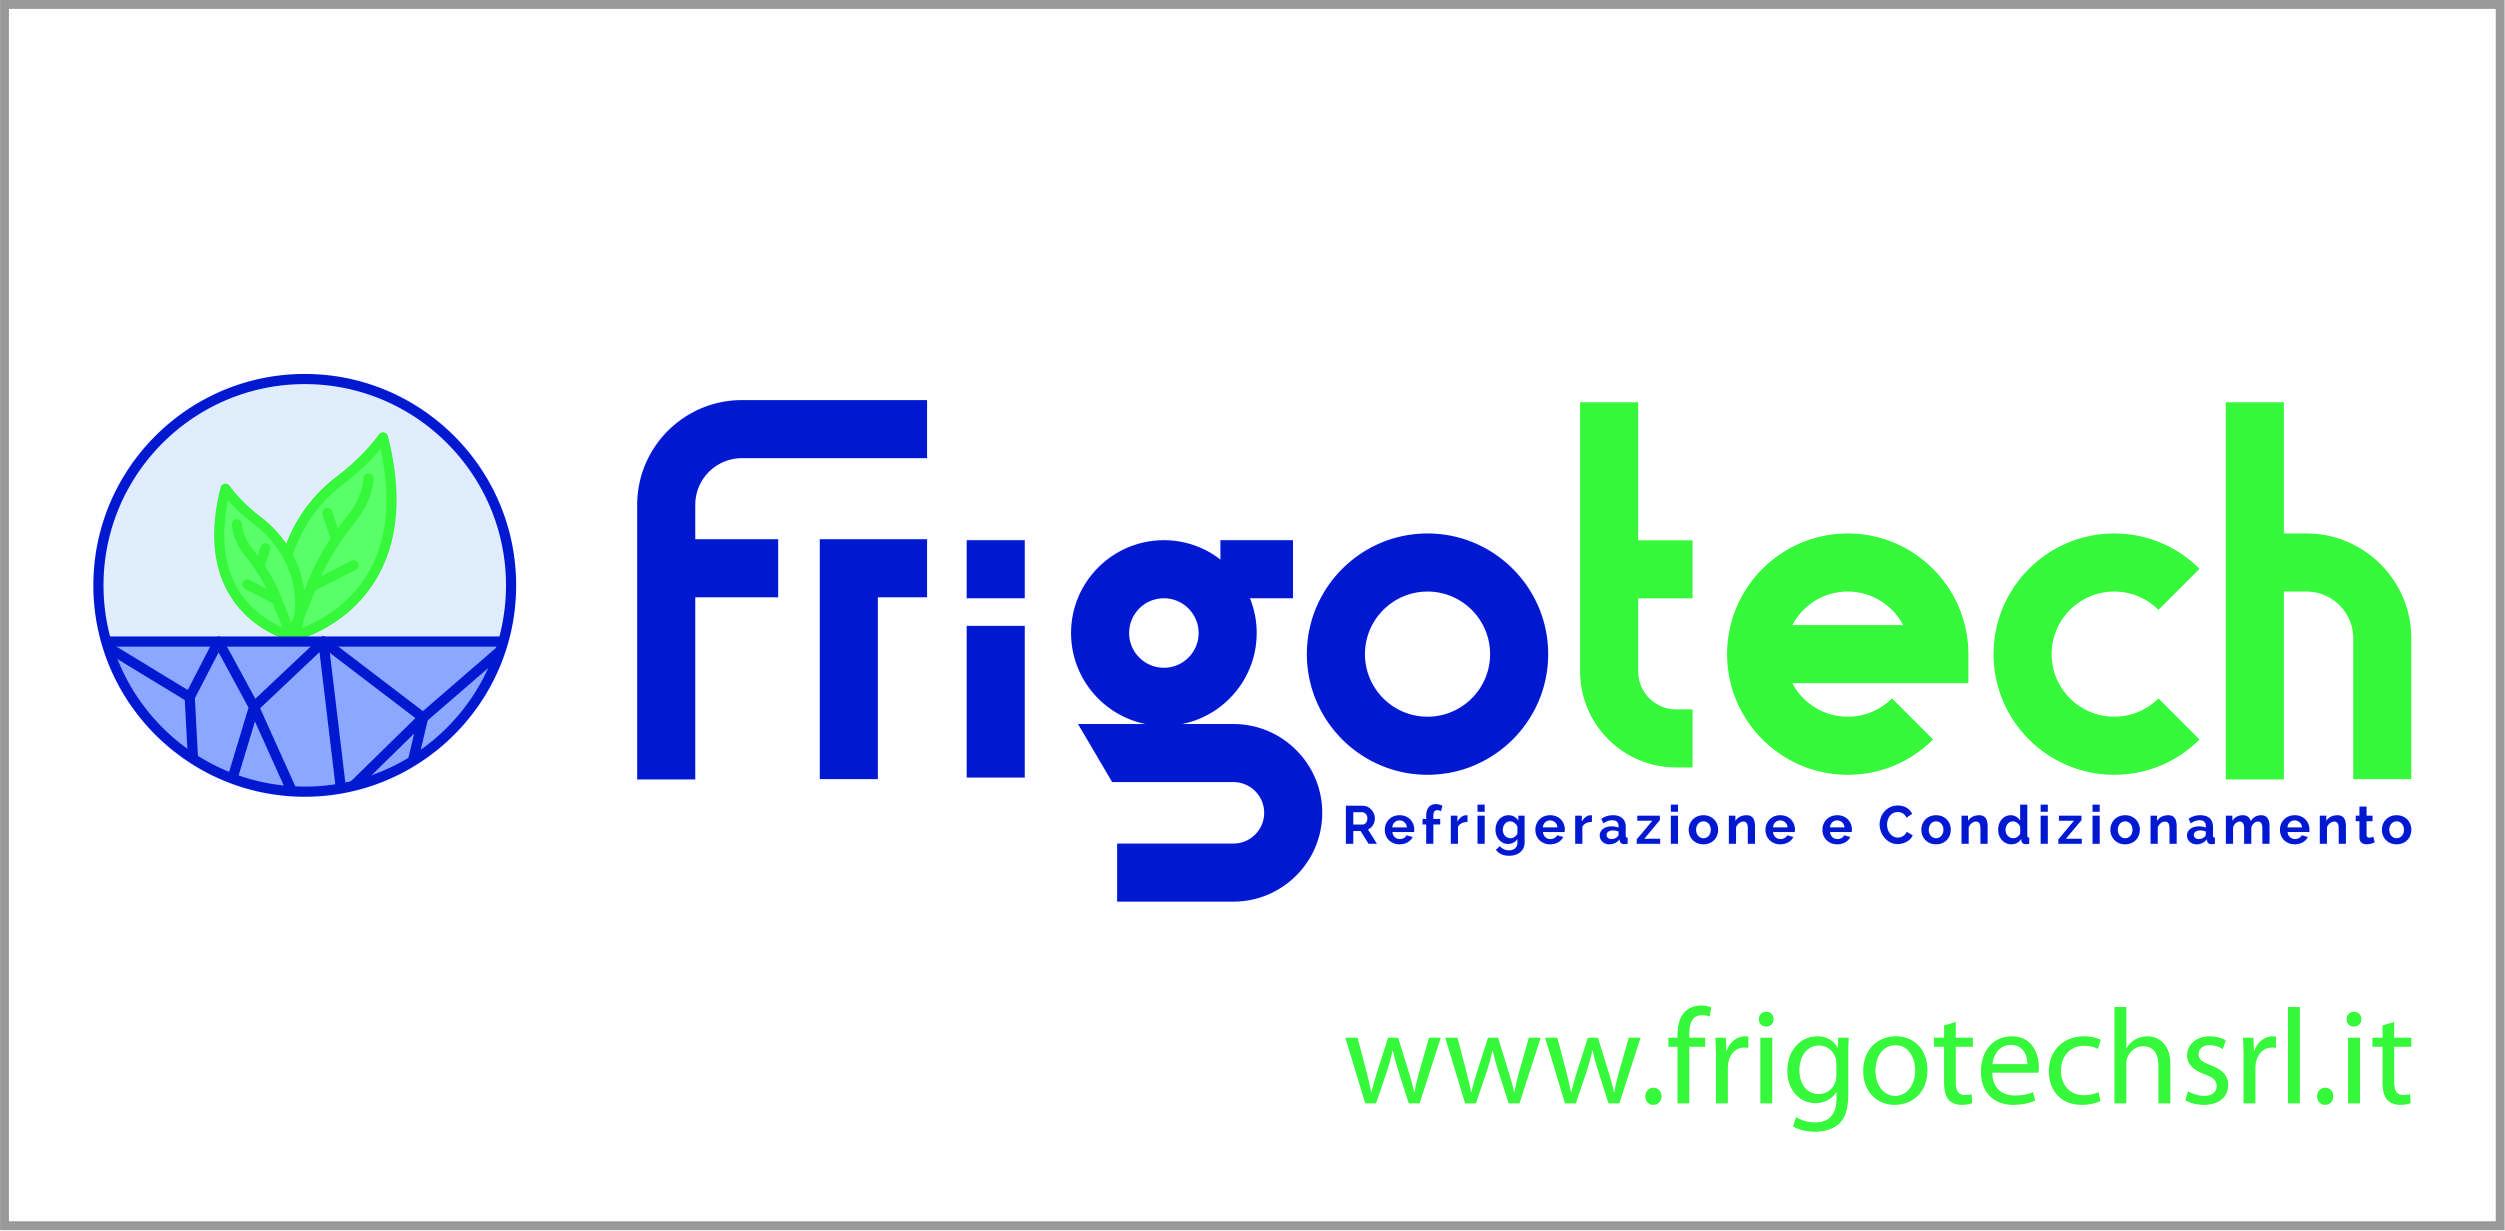 Frigotech2